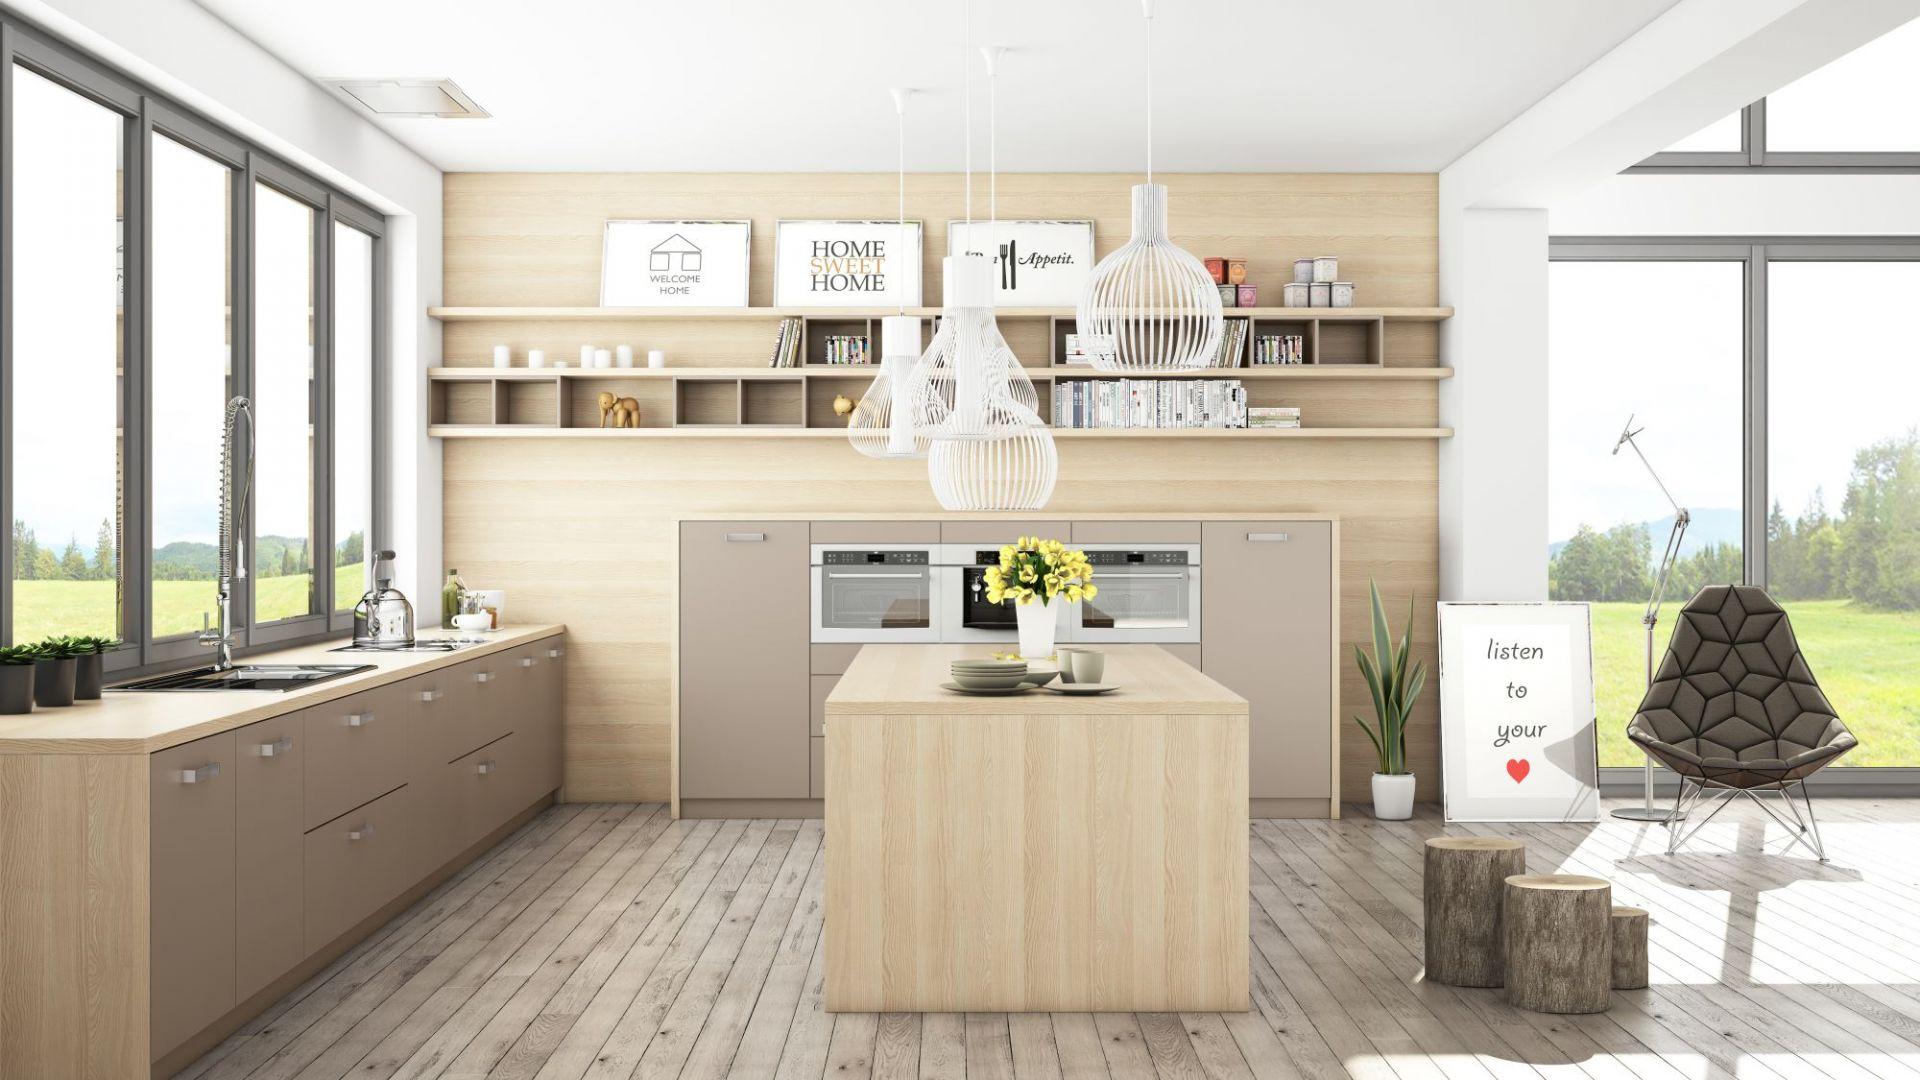 Kuchnia Calma w wersji cappucino. Połączenie drewna z kremowym beżowym kolorem jest aktualnie bardzo na czasie. Wzajemnie się one uzupełniają. Fot. WFM Kuchnie